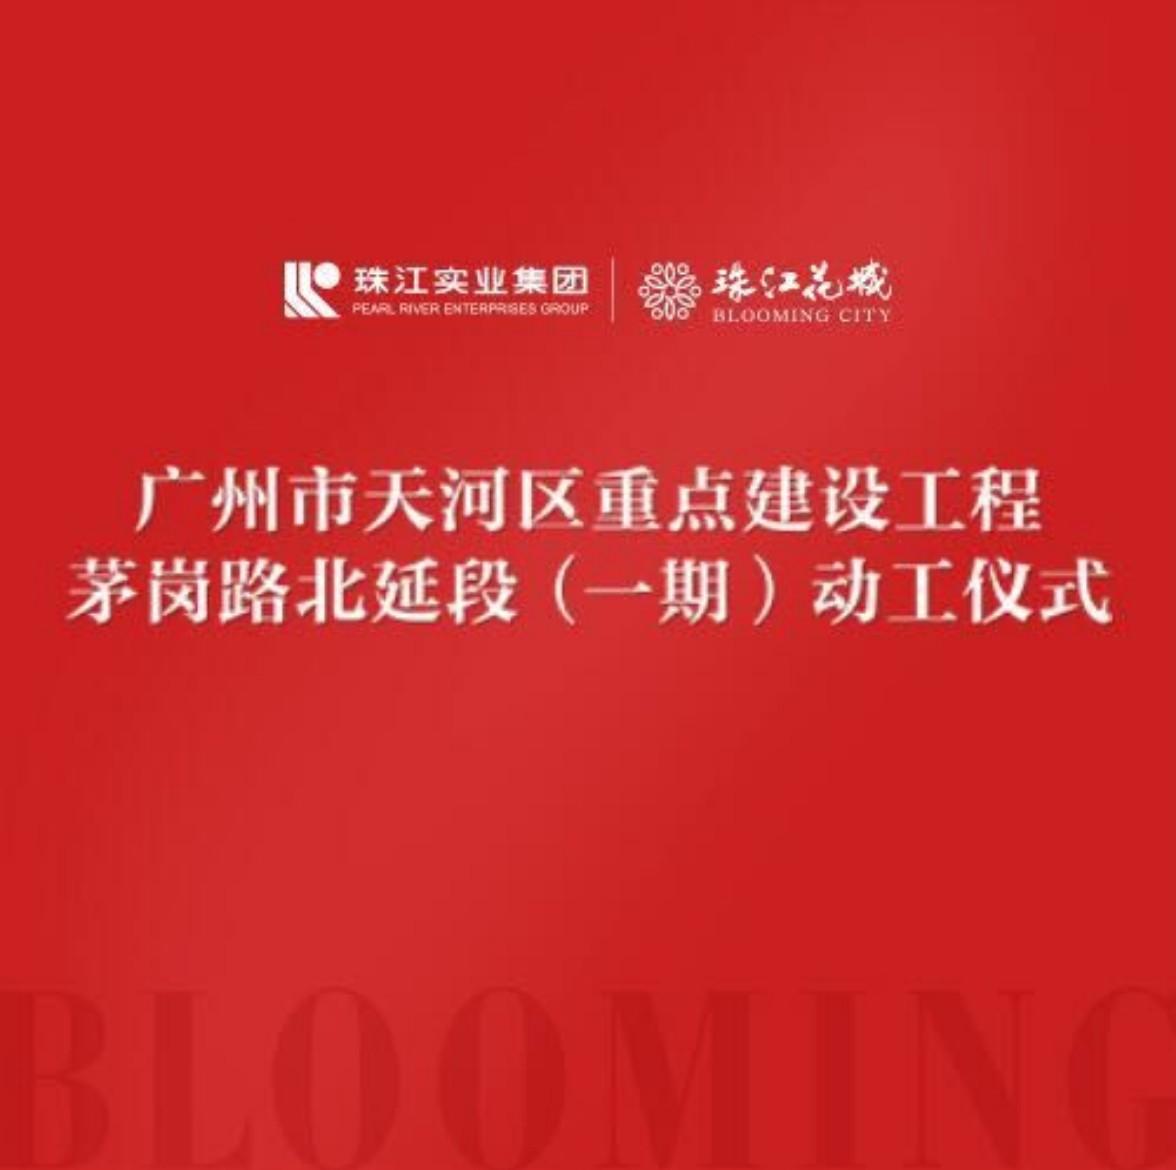 珠江花城直播封面